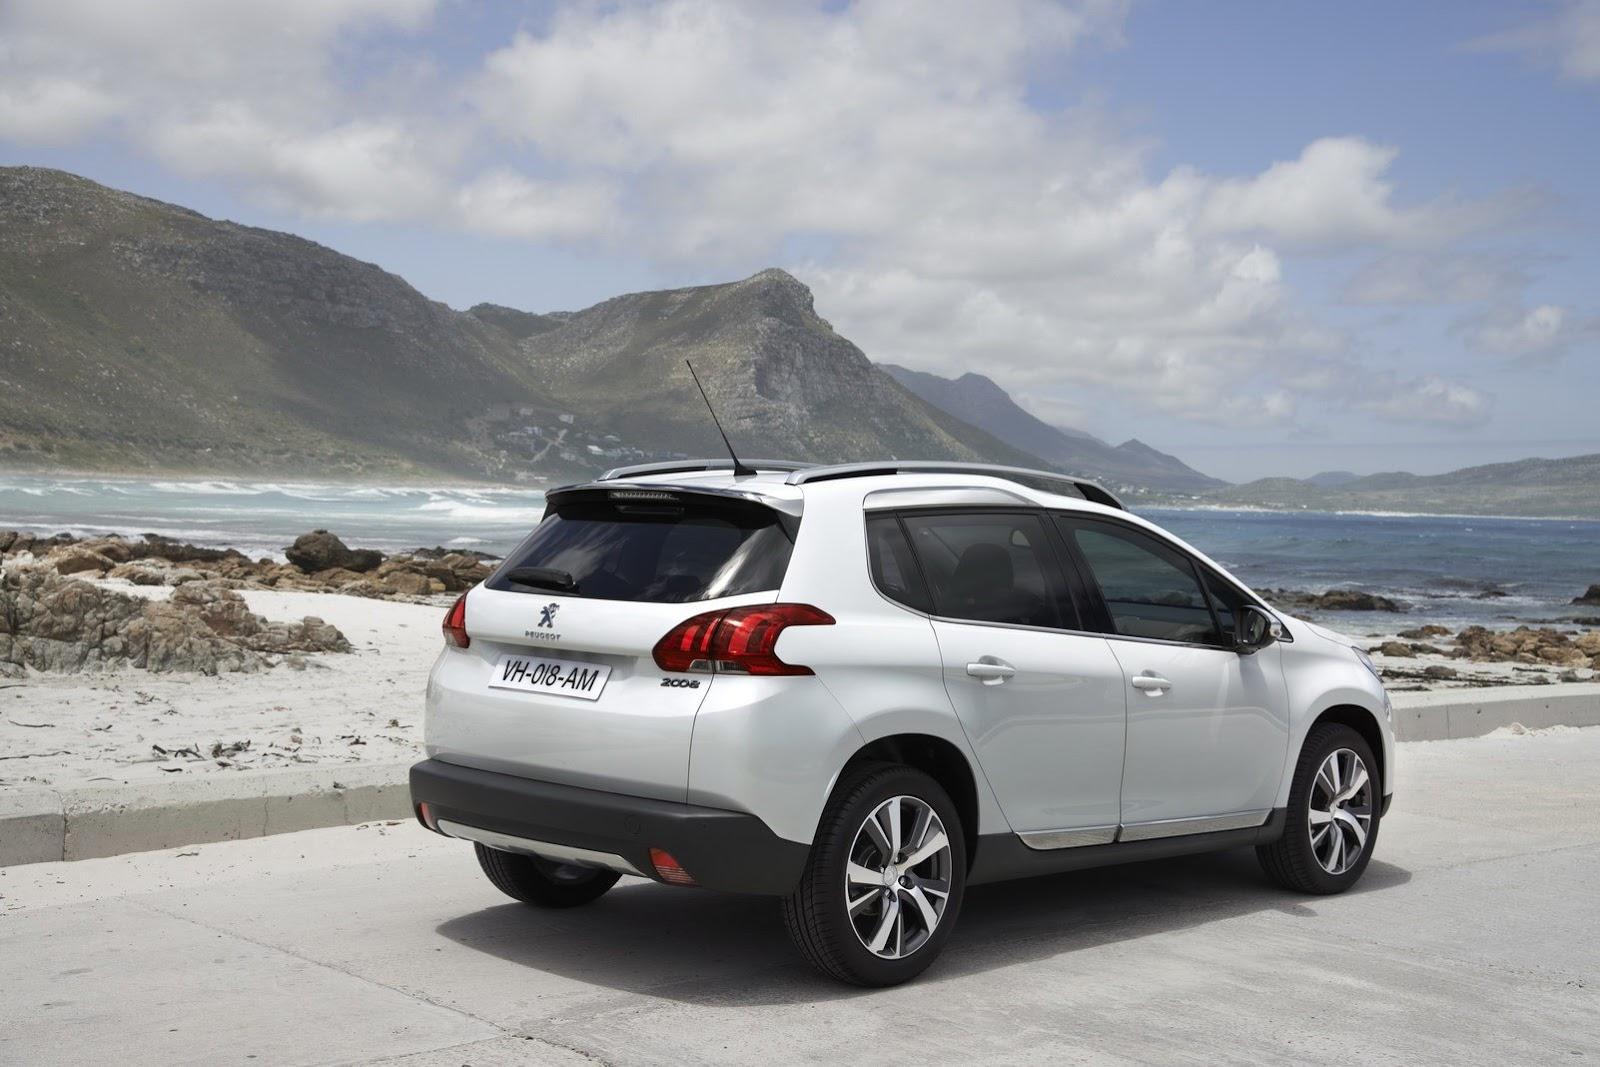 La nouvelle Peugeot 2008 fait sa première au mondiale au salon de